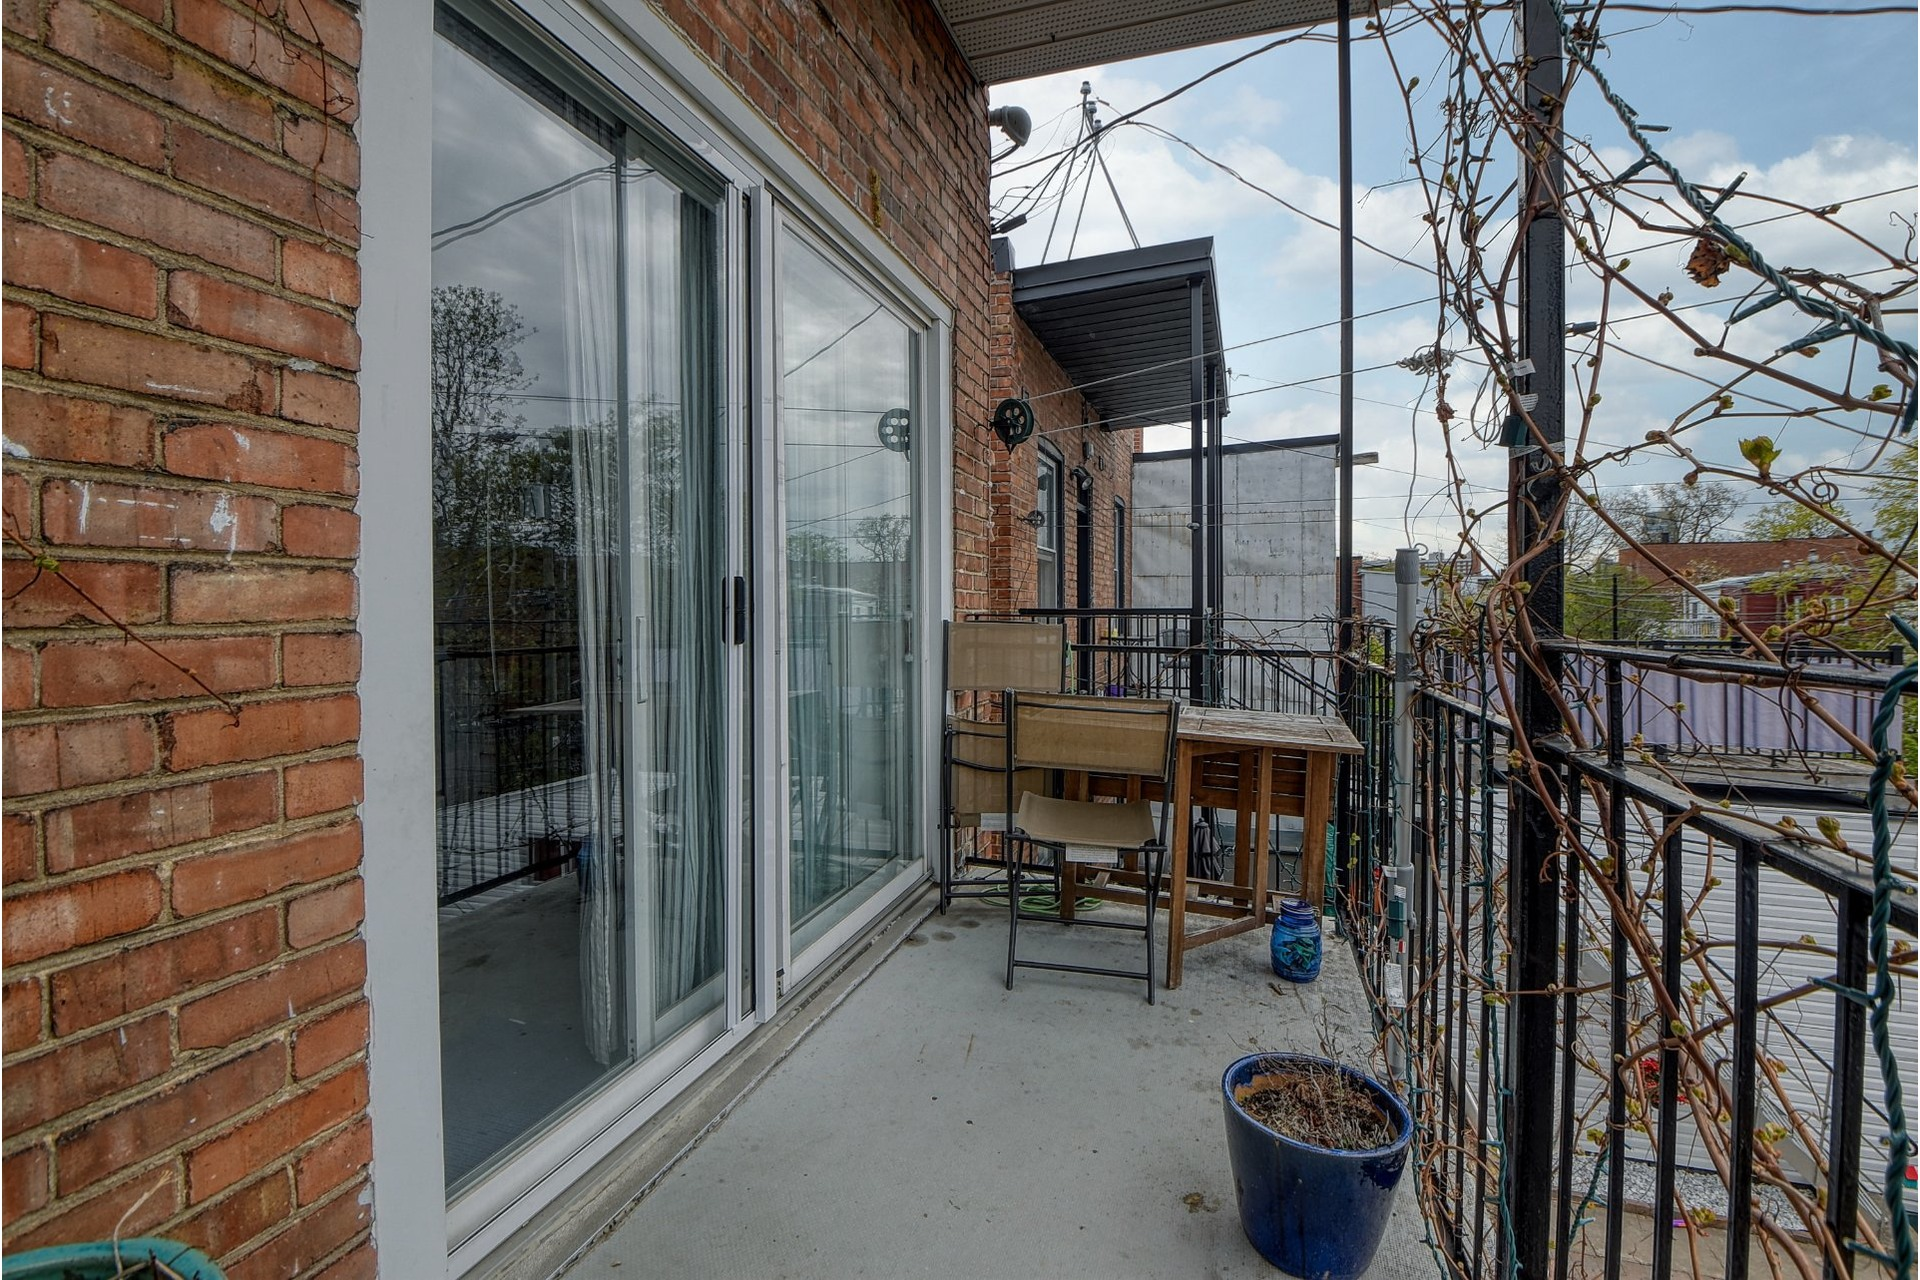 image 39 - Duplex À vendre Verdun/Île-des-Soeurs Montréal  - 8 pièces